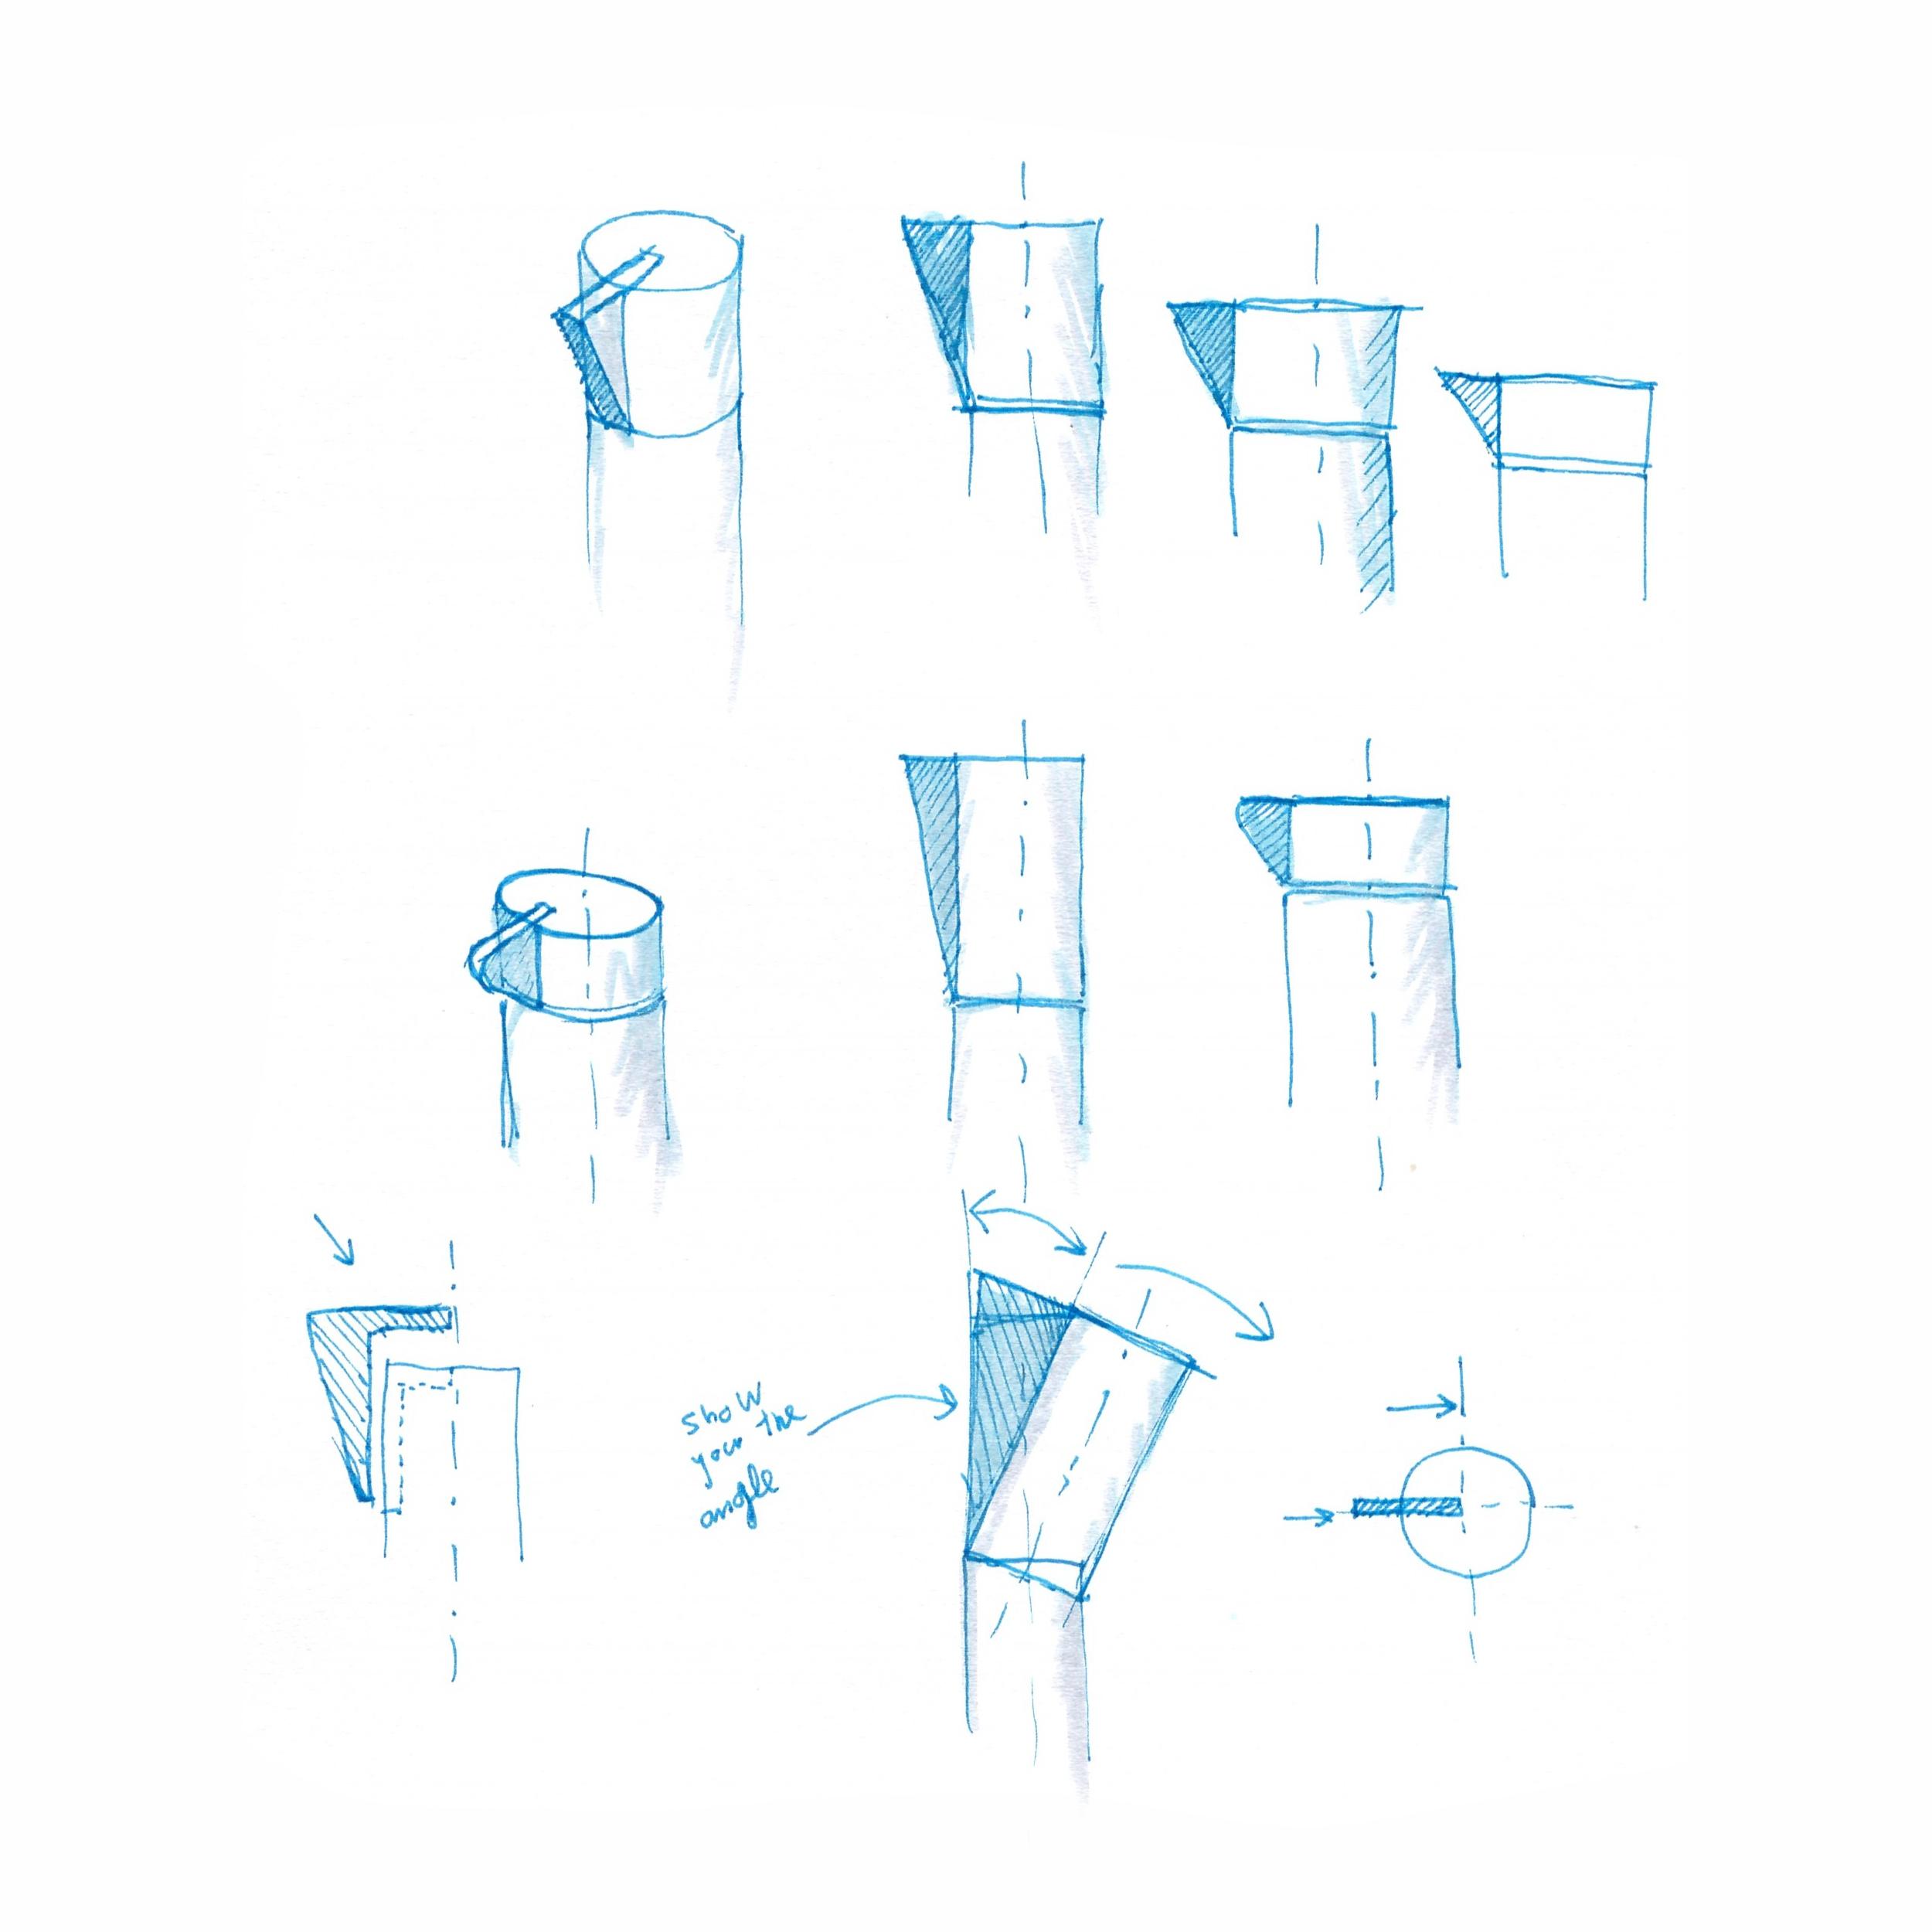 NOA-Sketch-1-2